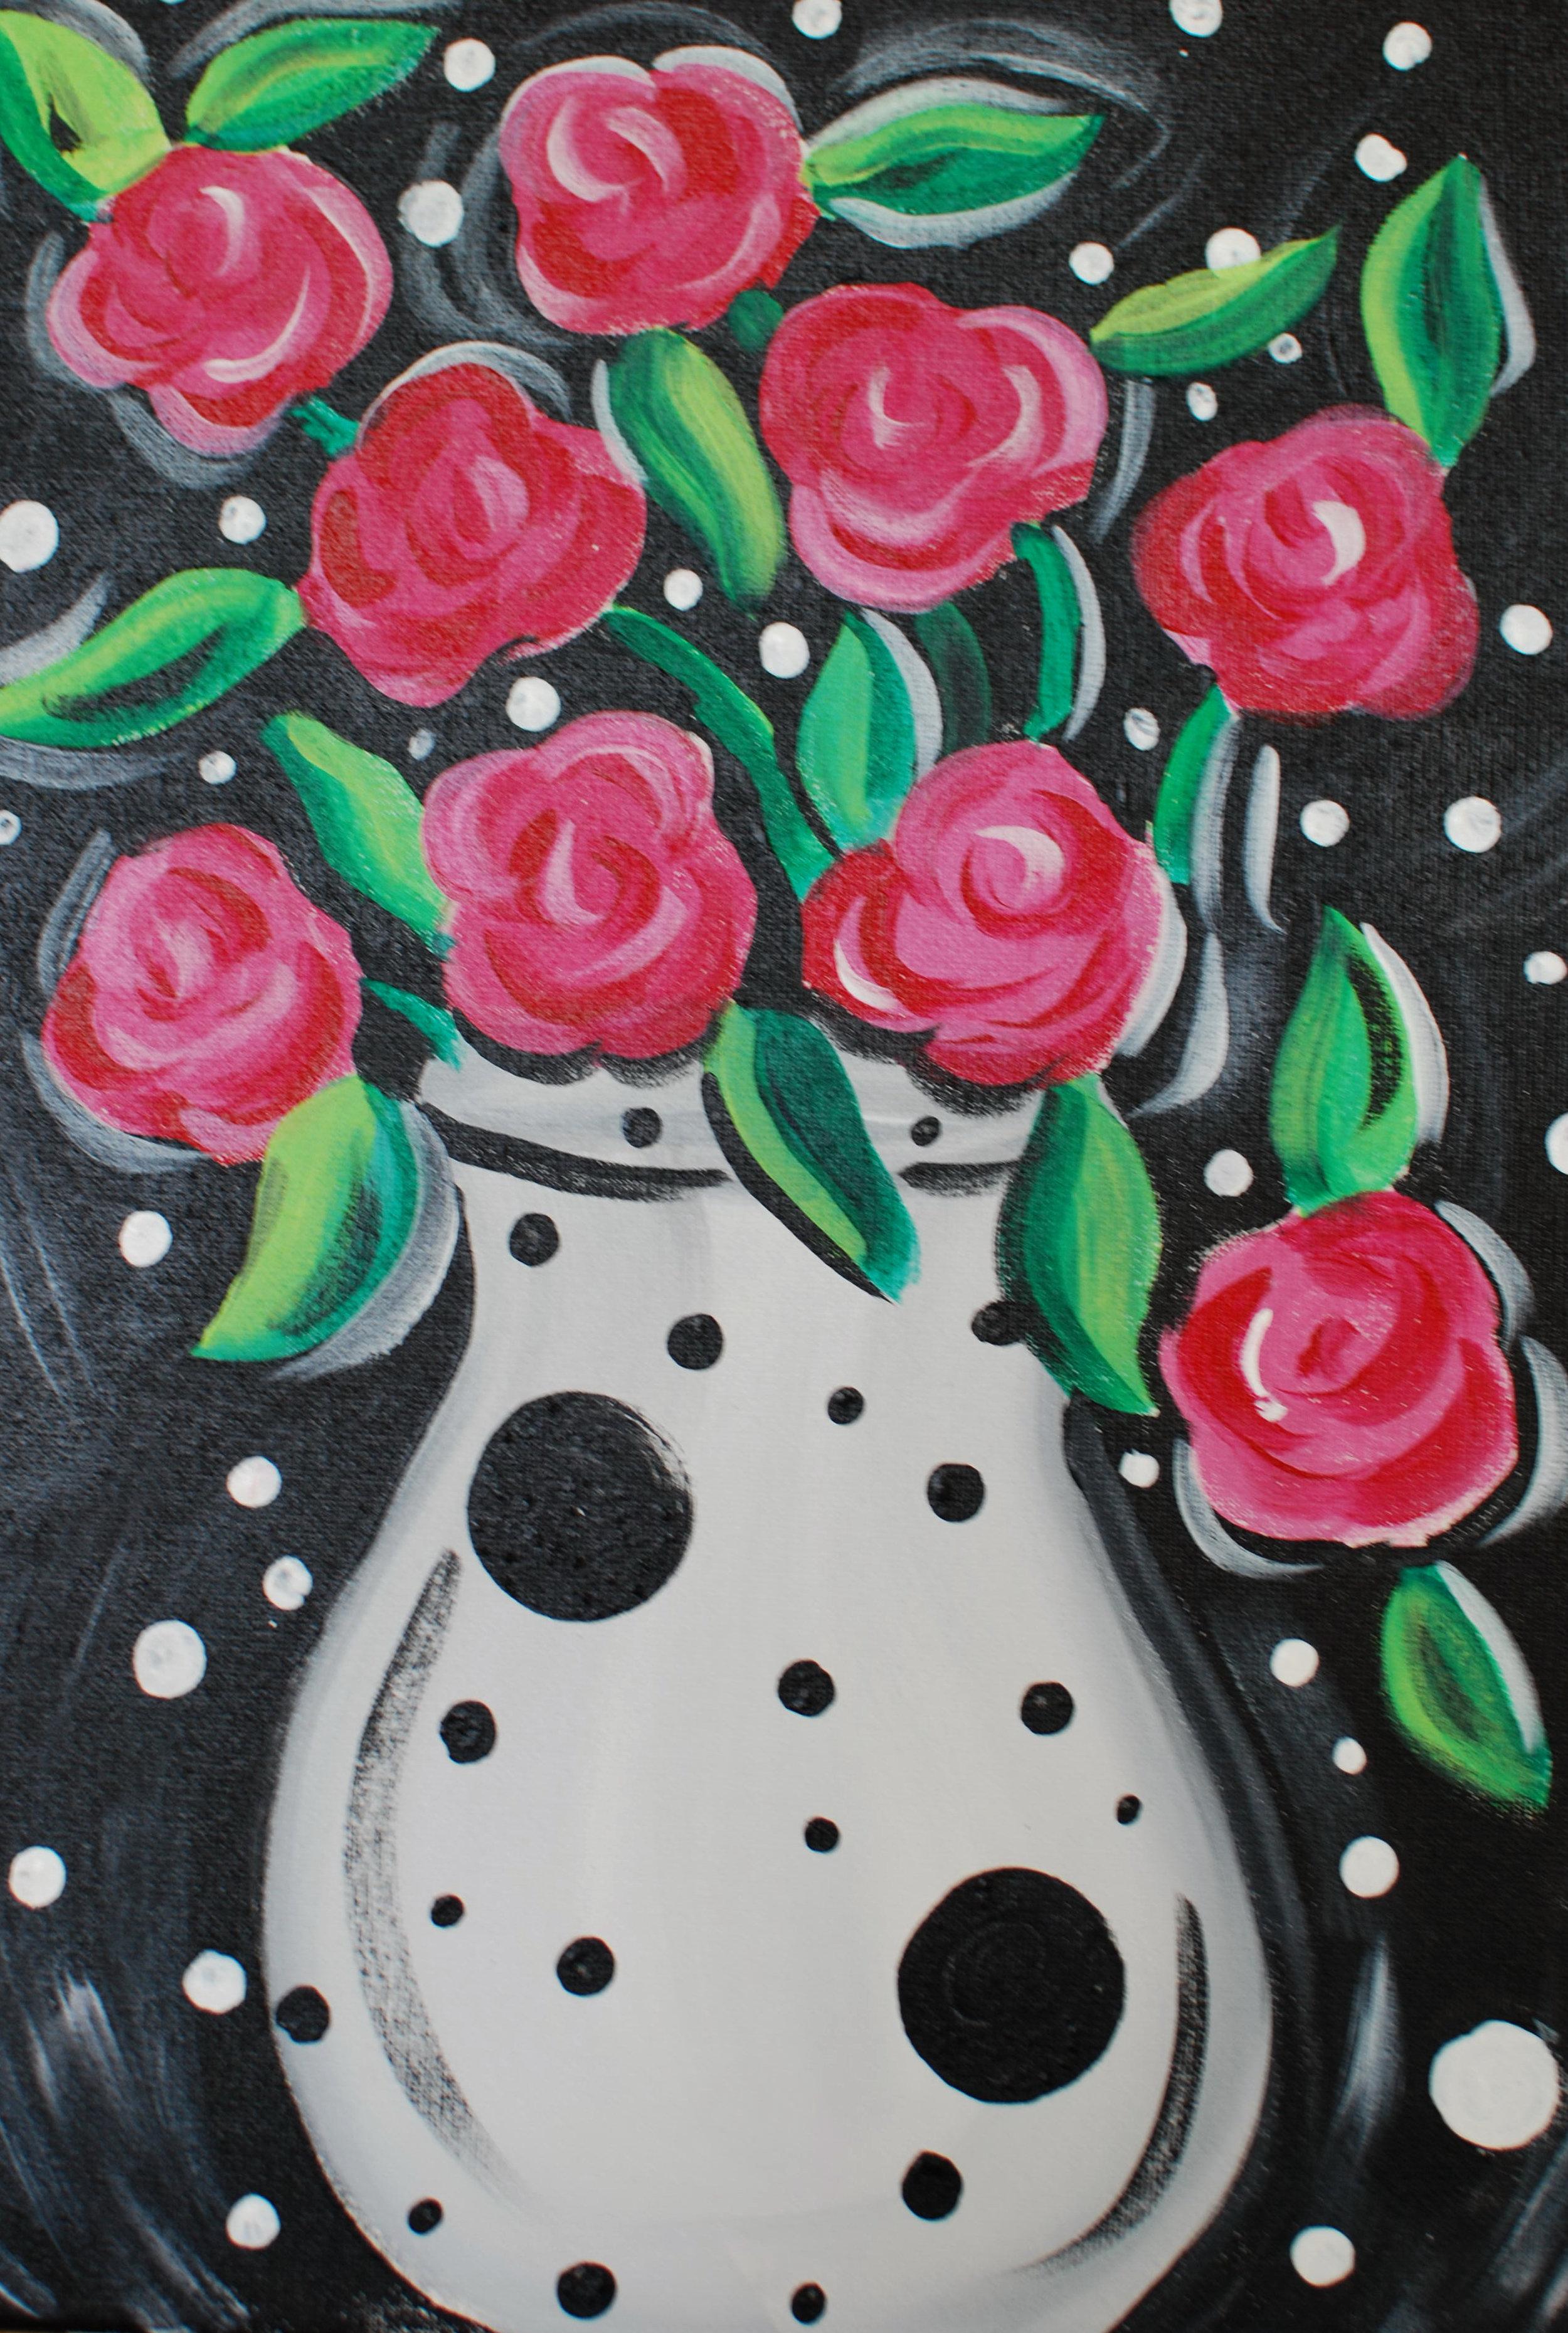 rose vases.jpg